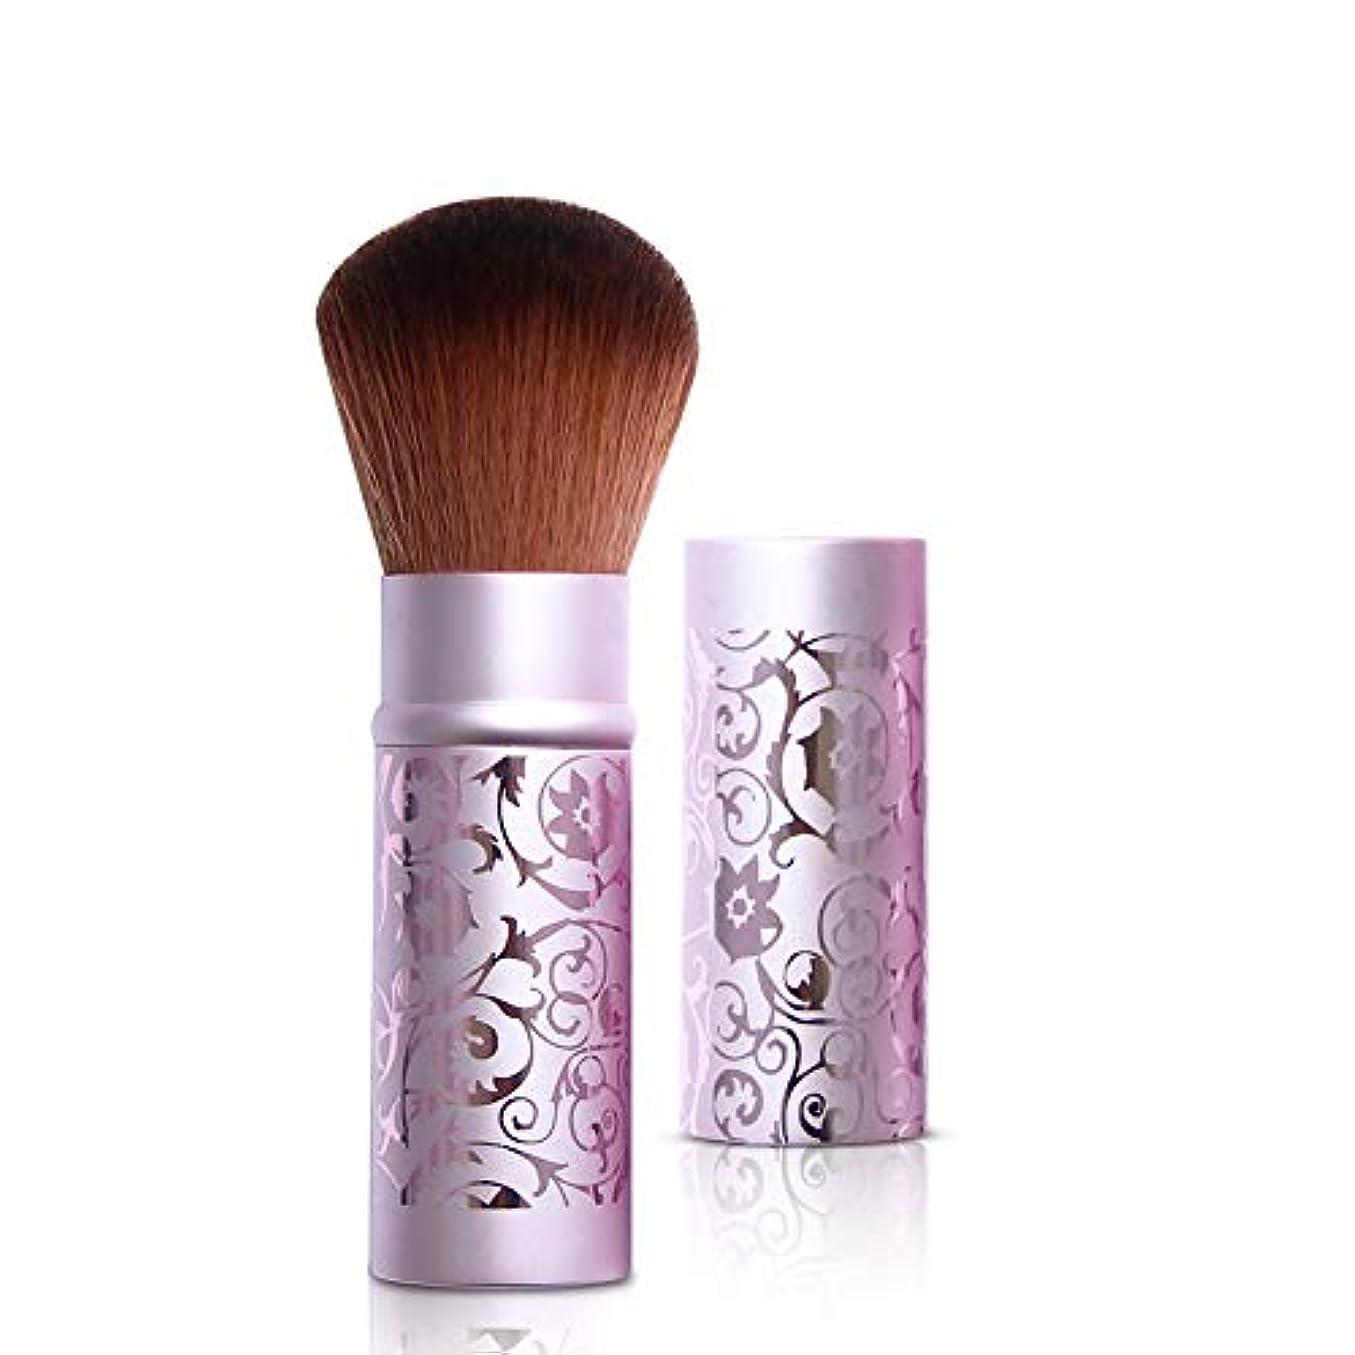 祖母機転正確にルージュブラシセット化粧ブラシ化粧ブラシルースパウダーブラシラージパウダーブラシシャドーブラシブラッシュブラシテレスコピックポータブル蓋付き,Purple